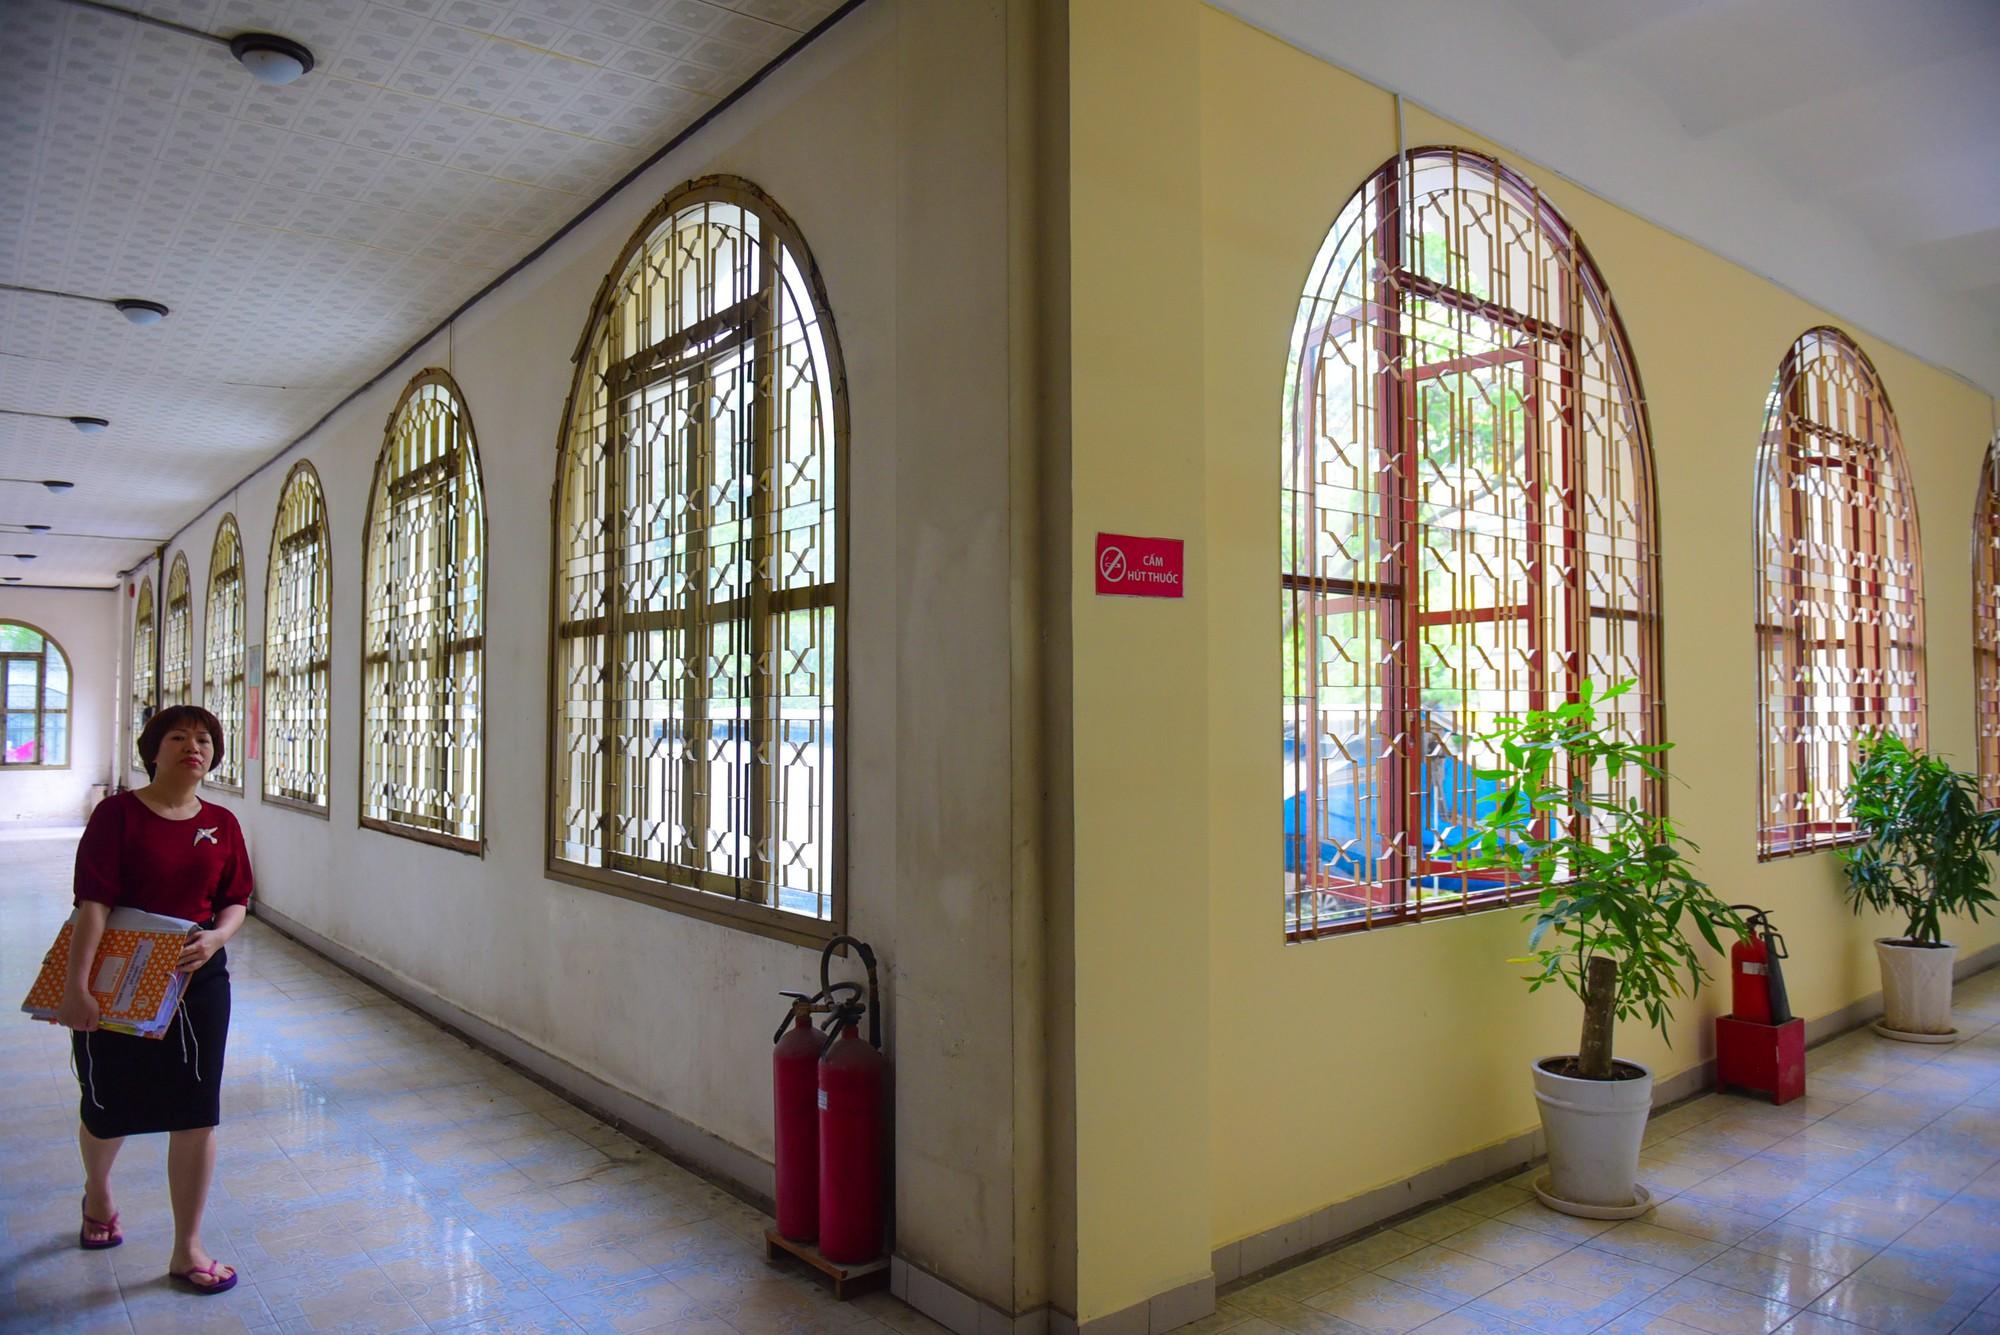 Cận cảnh dinh Thượng Thơ 120 năm tuổi ở Sài Gòn có nguy cơ bị đập bỏ - Ảnh 9.